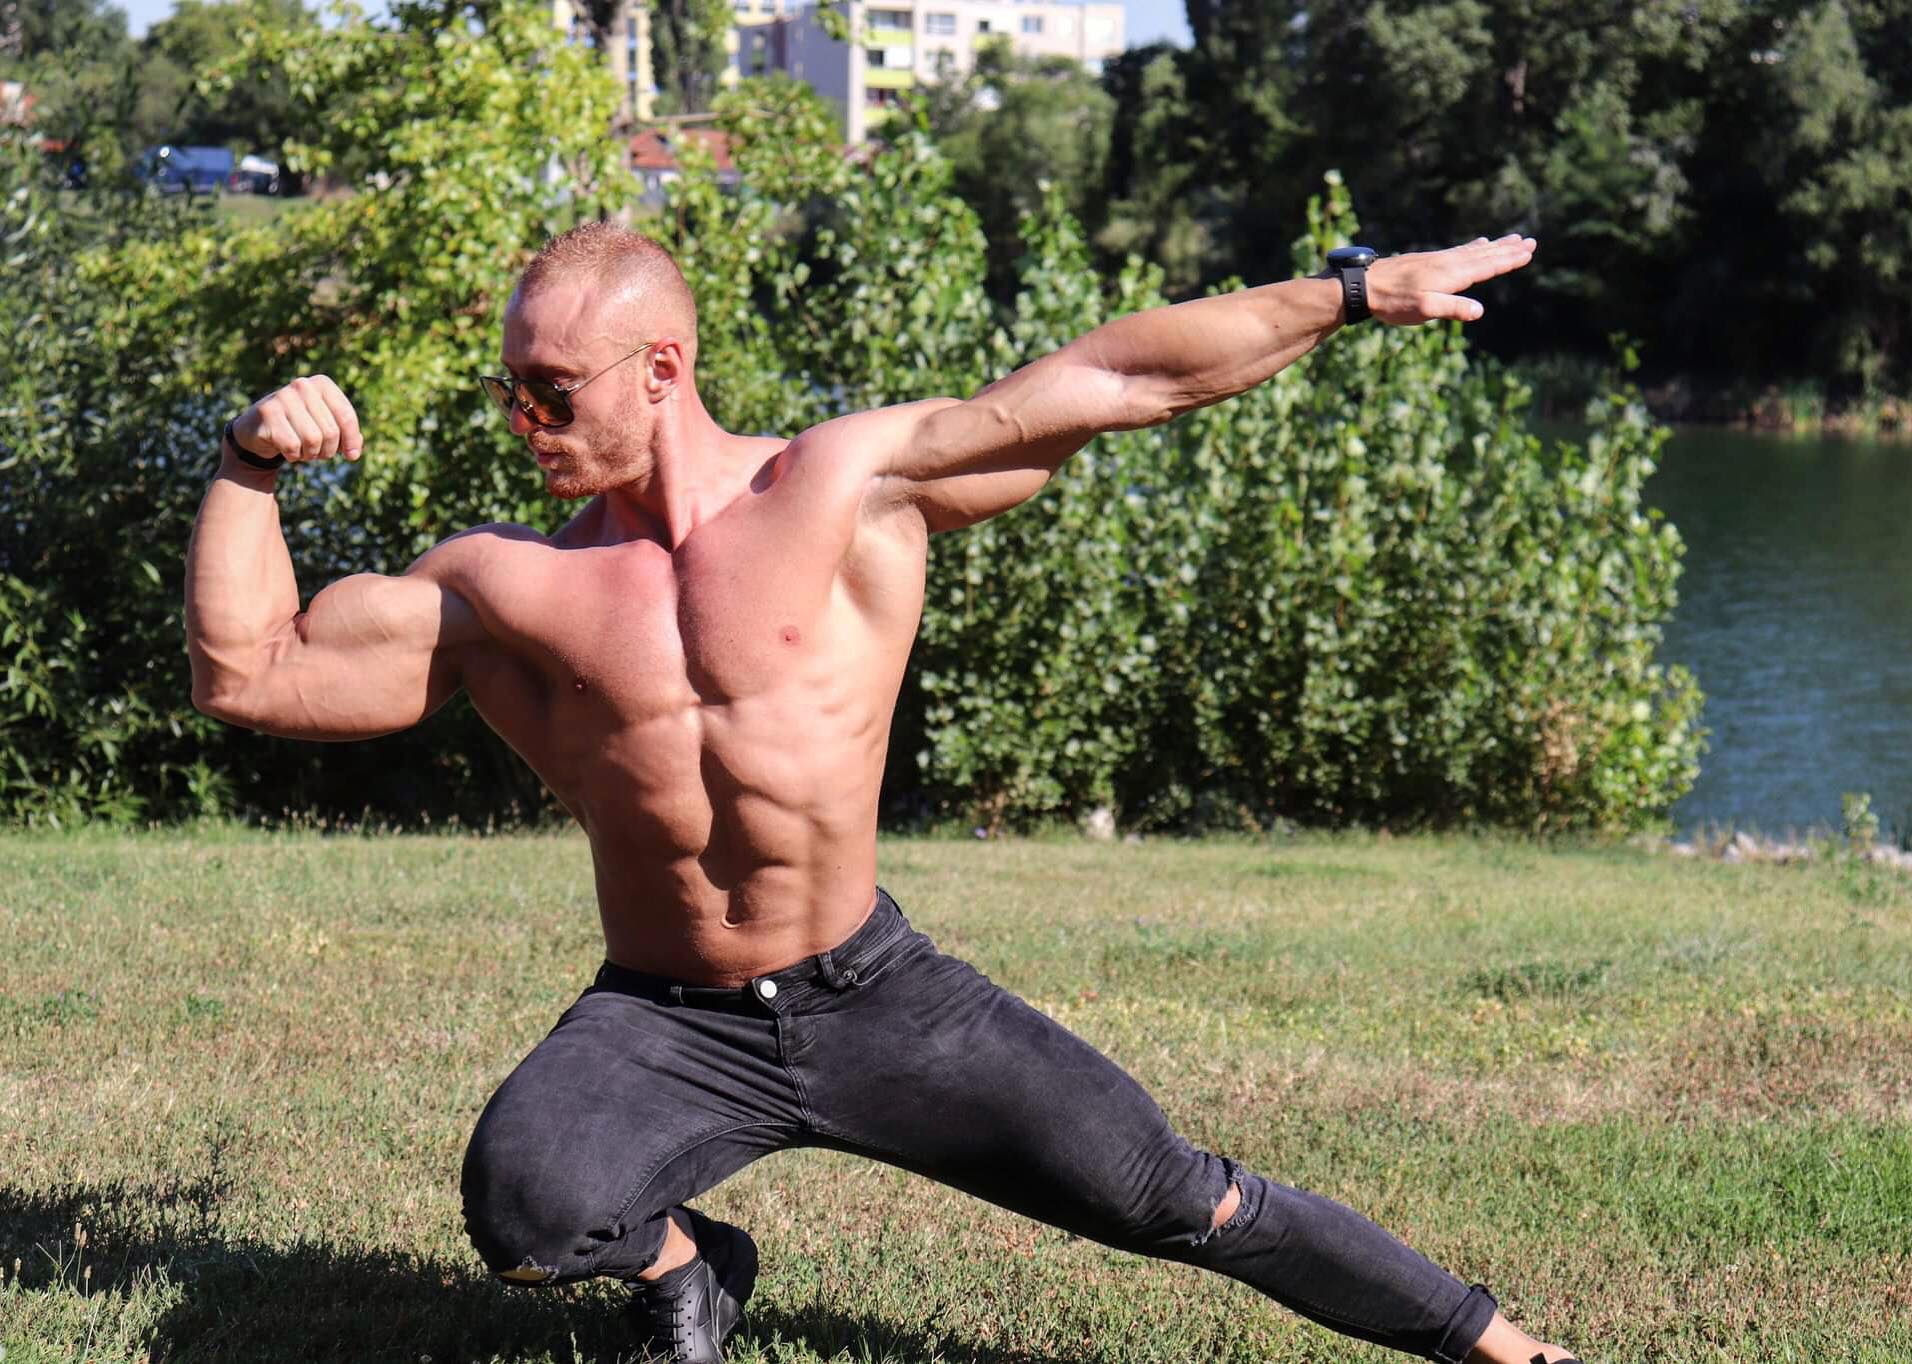 https://musclepower.bg/wp-content/uploads/2020/10/kal-slavov.jpg